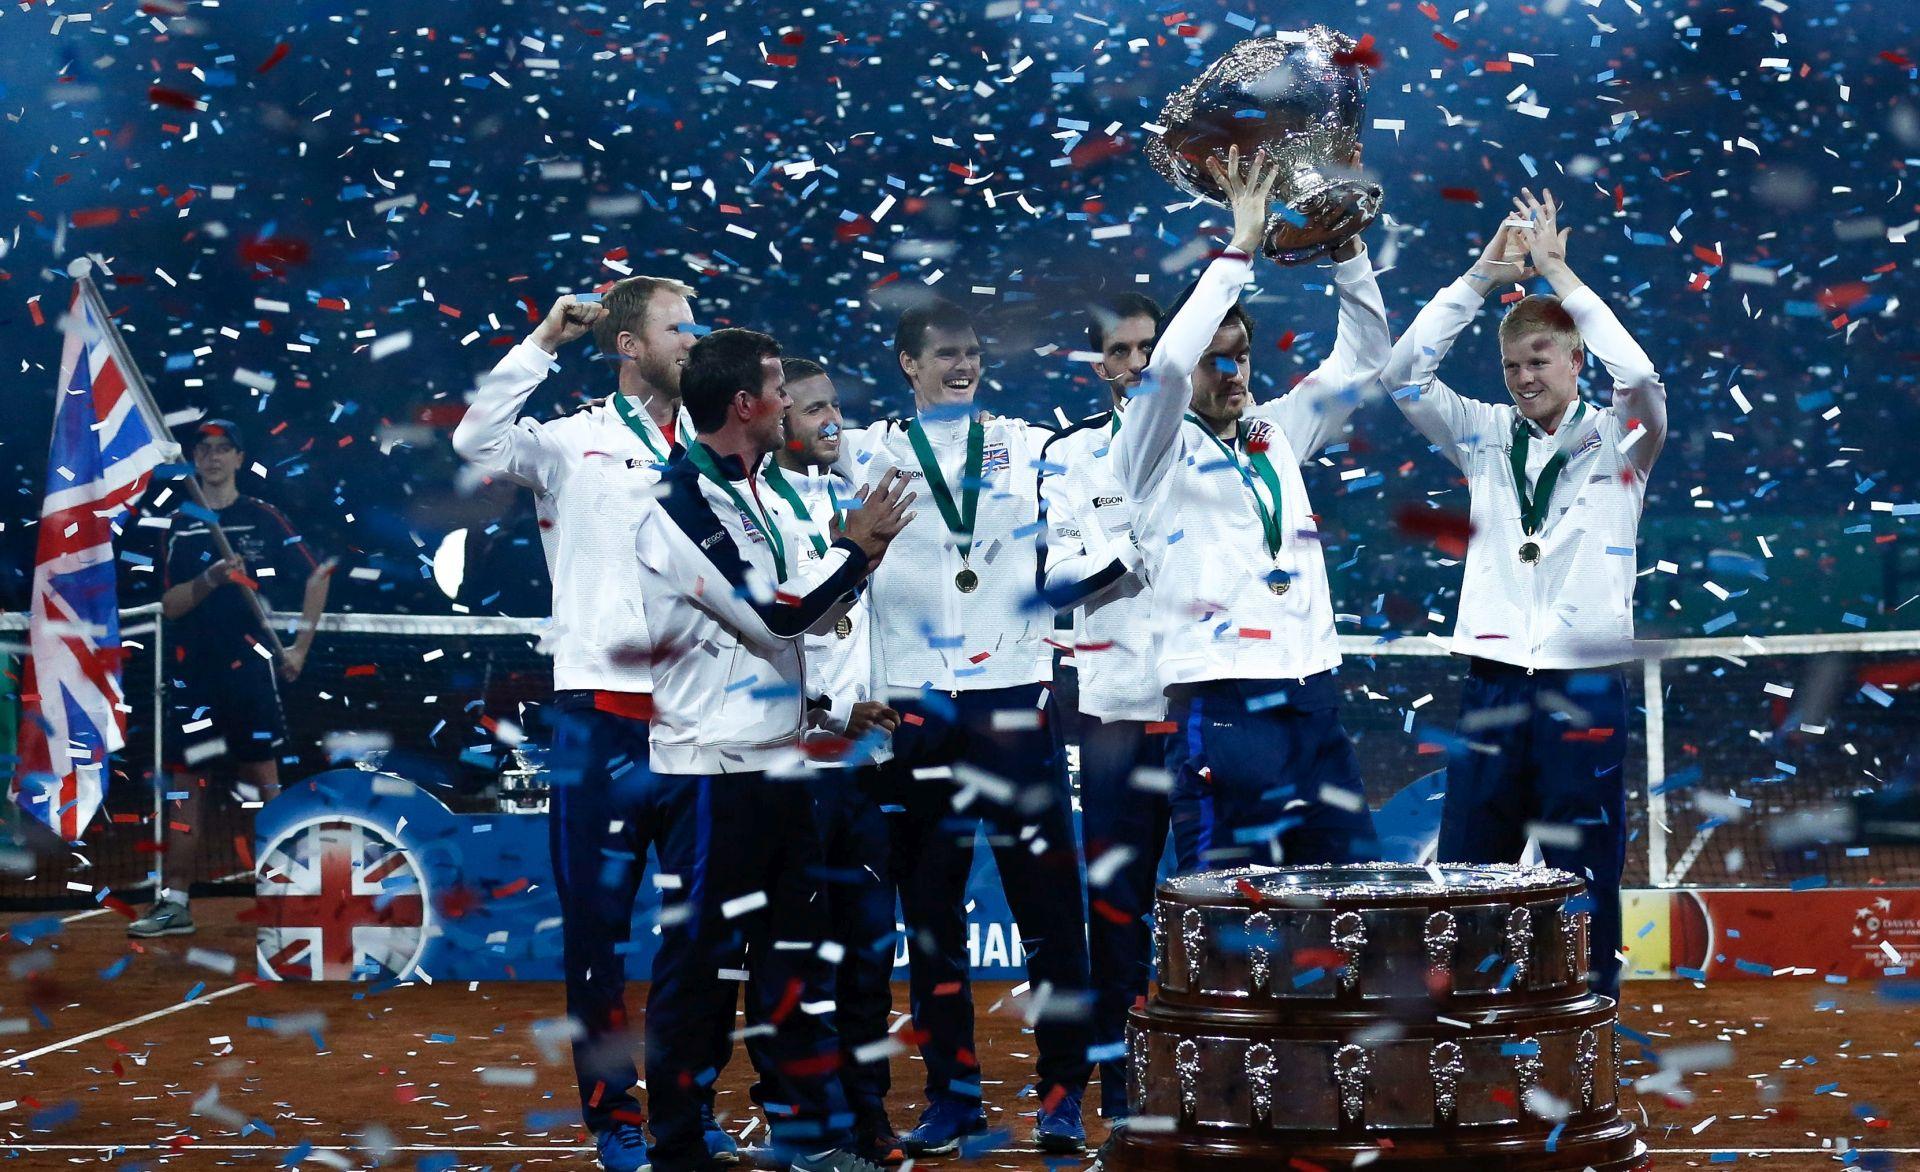 NAKON 79 GODINA: Velika Britanija osvojila Davis Cup